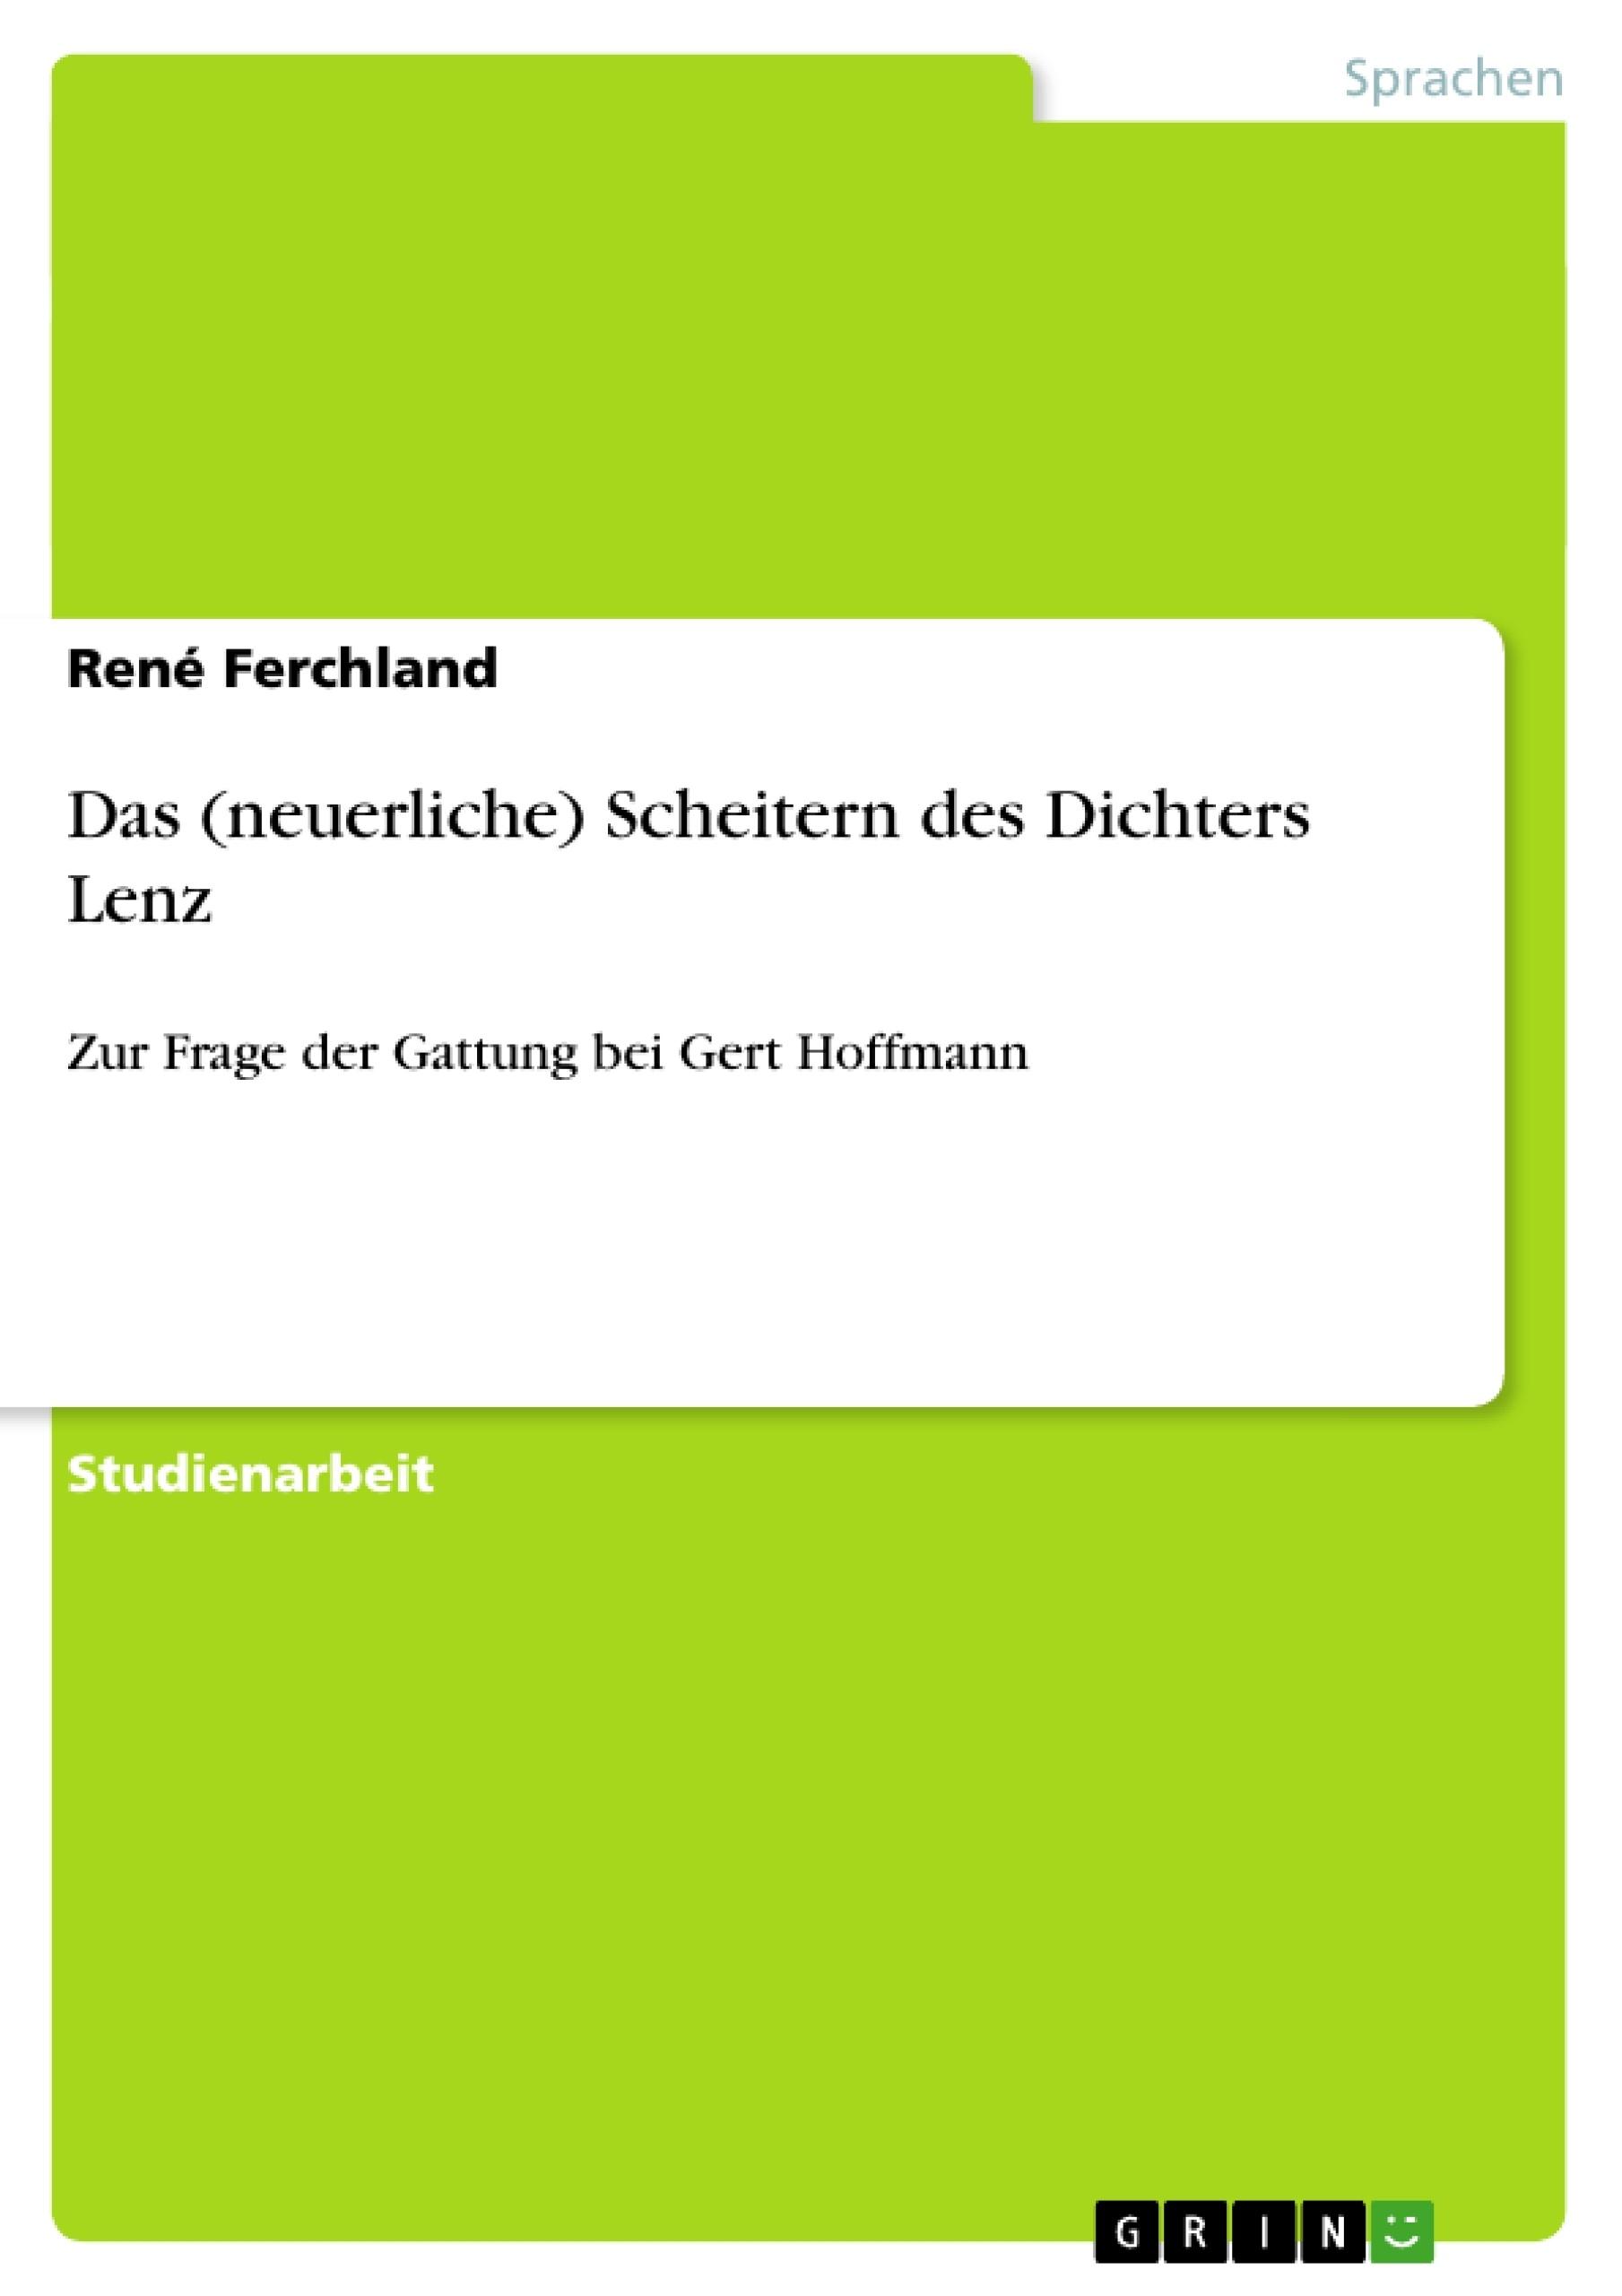 Titel: Das (neuerliche) Scheitern des Dichters Lenz